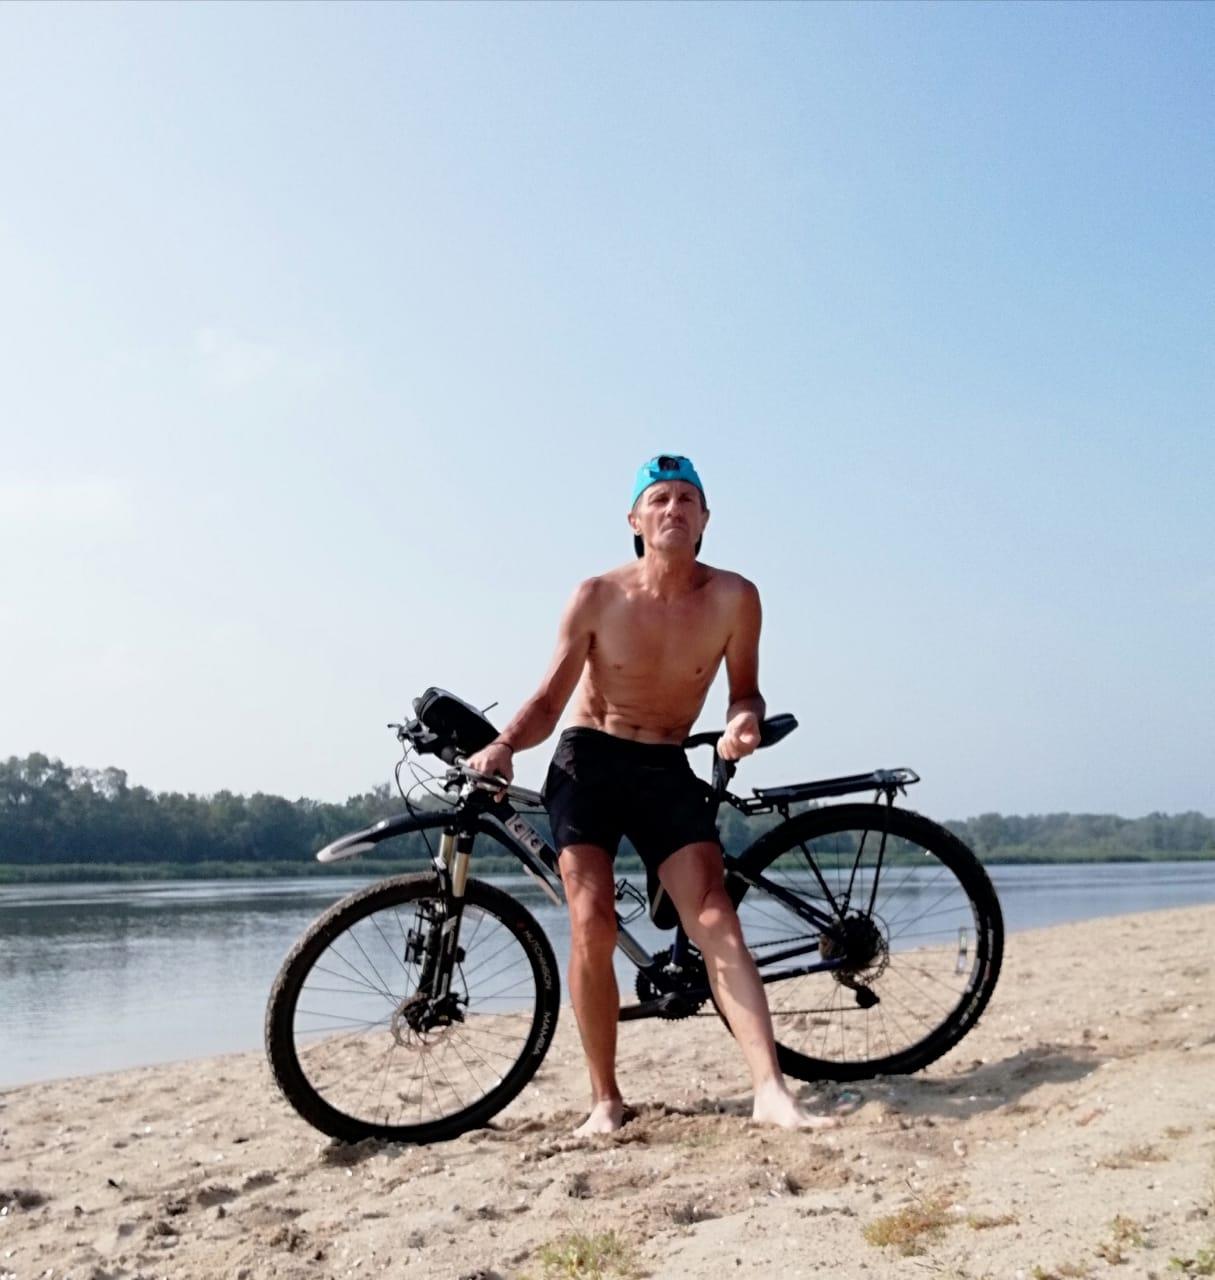 Валерий Баранов - велосипедист, ультрамарафонец